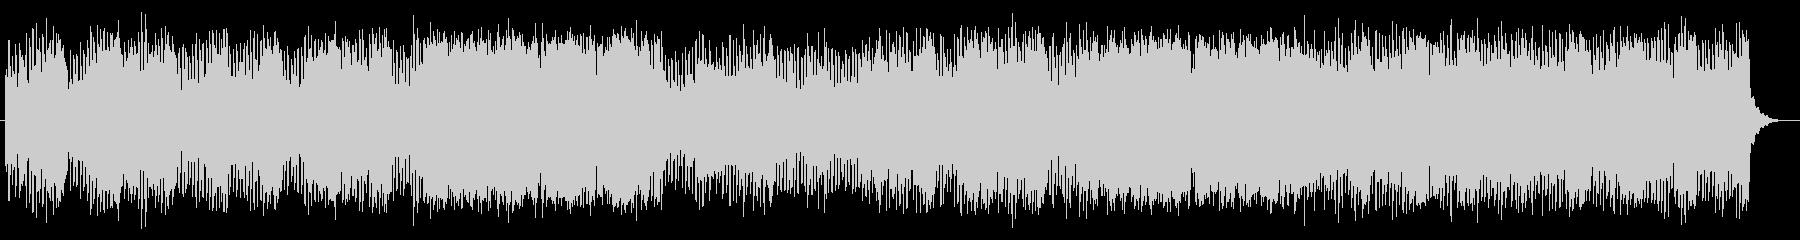 メロディアスなトランペットサウンドの未再生の波形